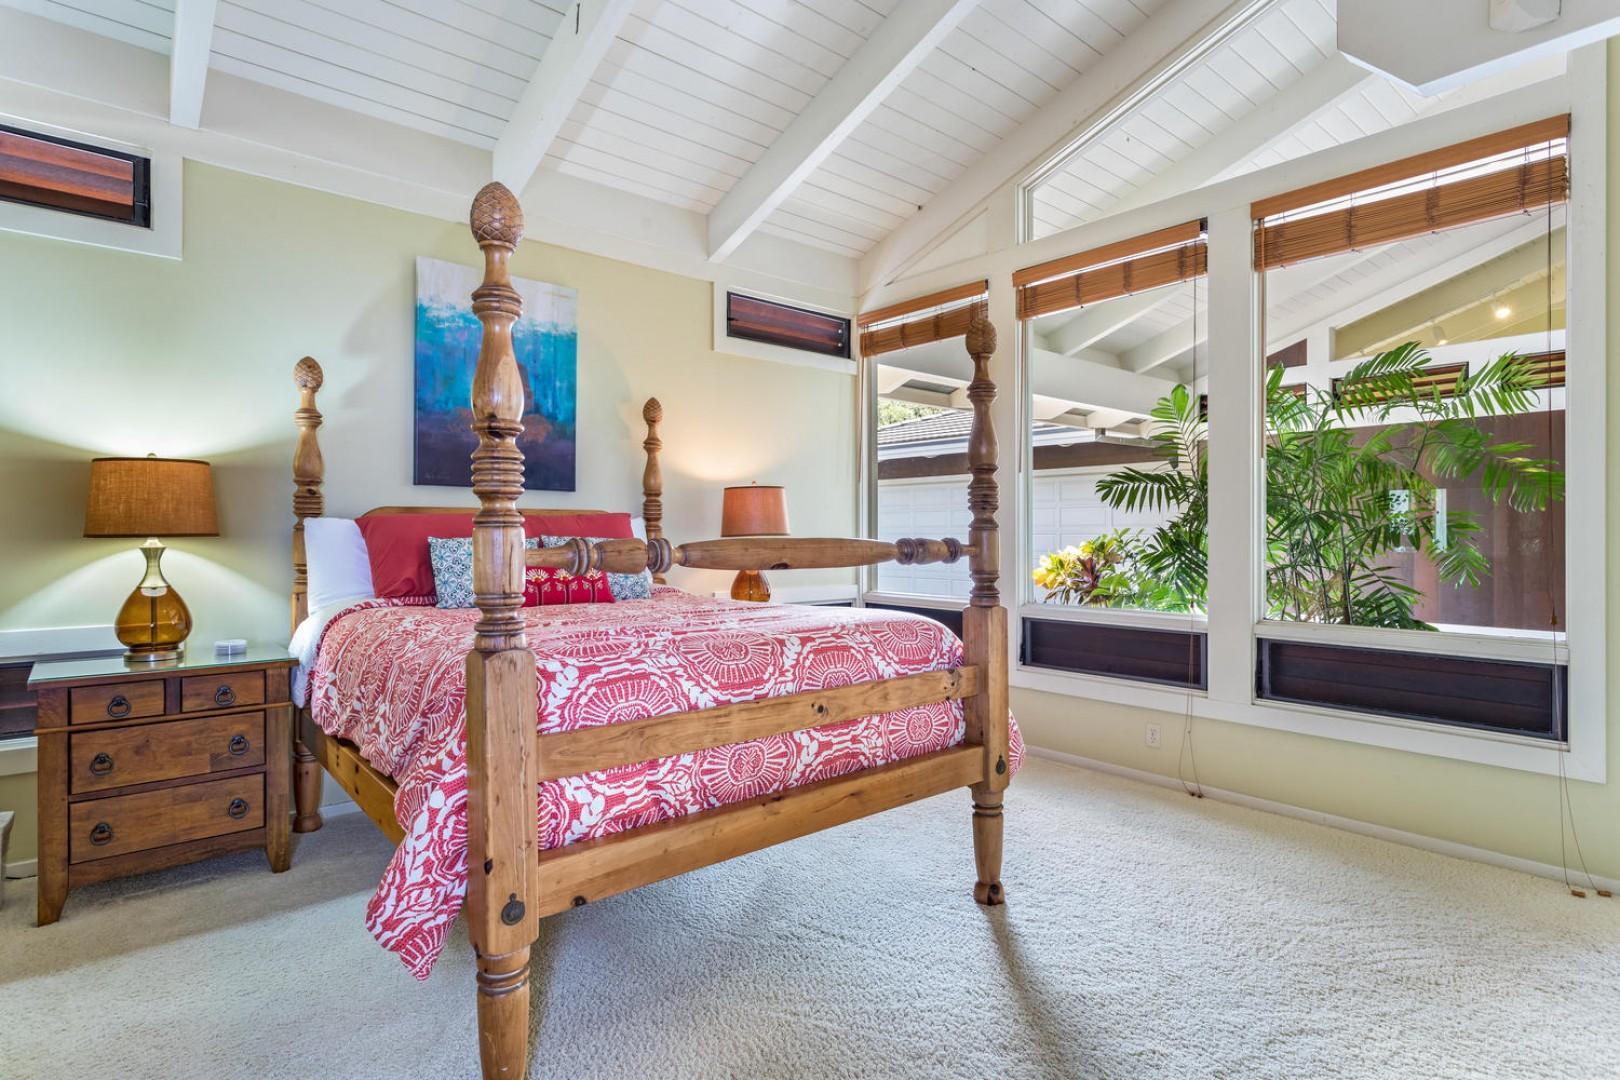 The other queen bedroom.